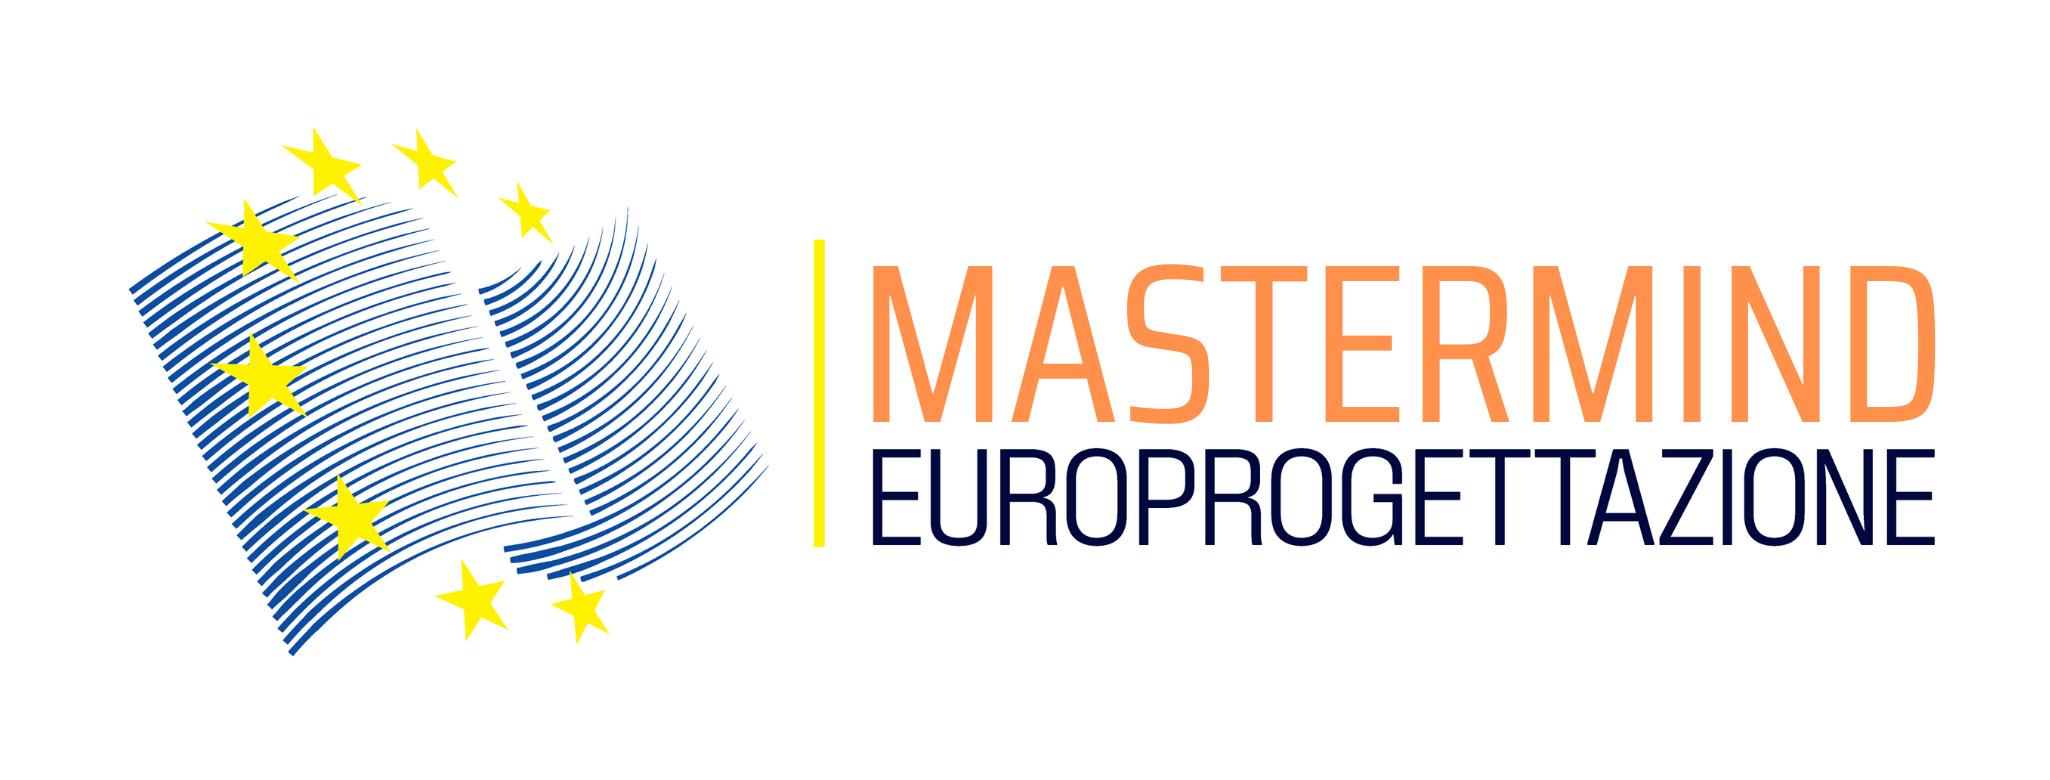 MASTERMIND EUROPROGETTAZIONE GRATUITA. Dal 1 al 10 dicembre 2020